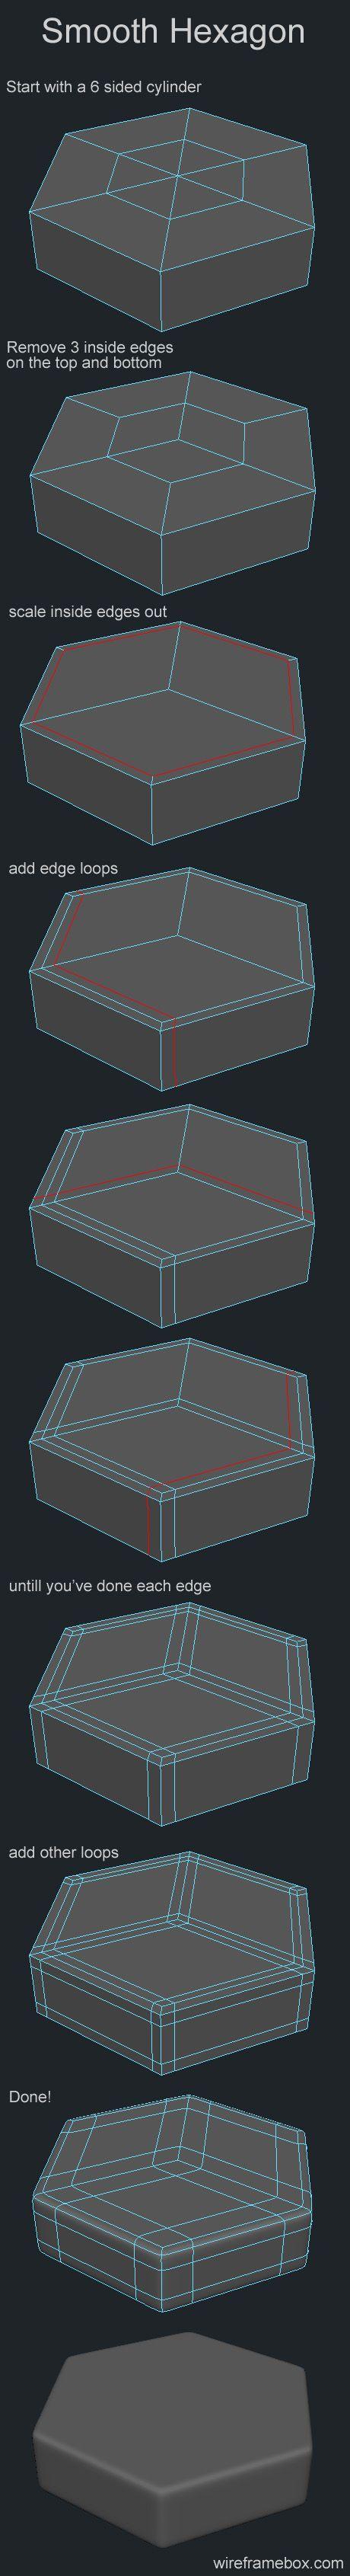 Smooth Hexagon Modeling メッシュ